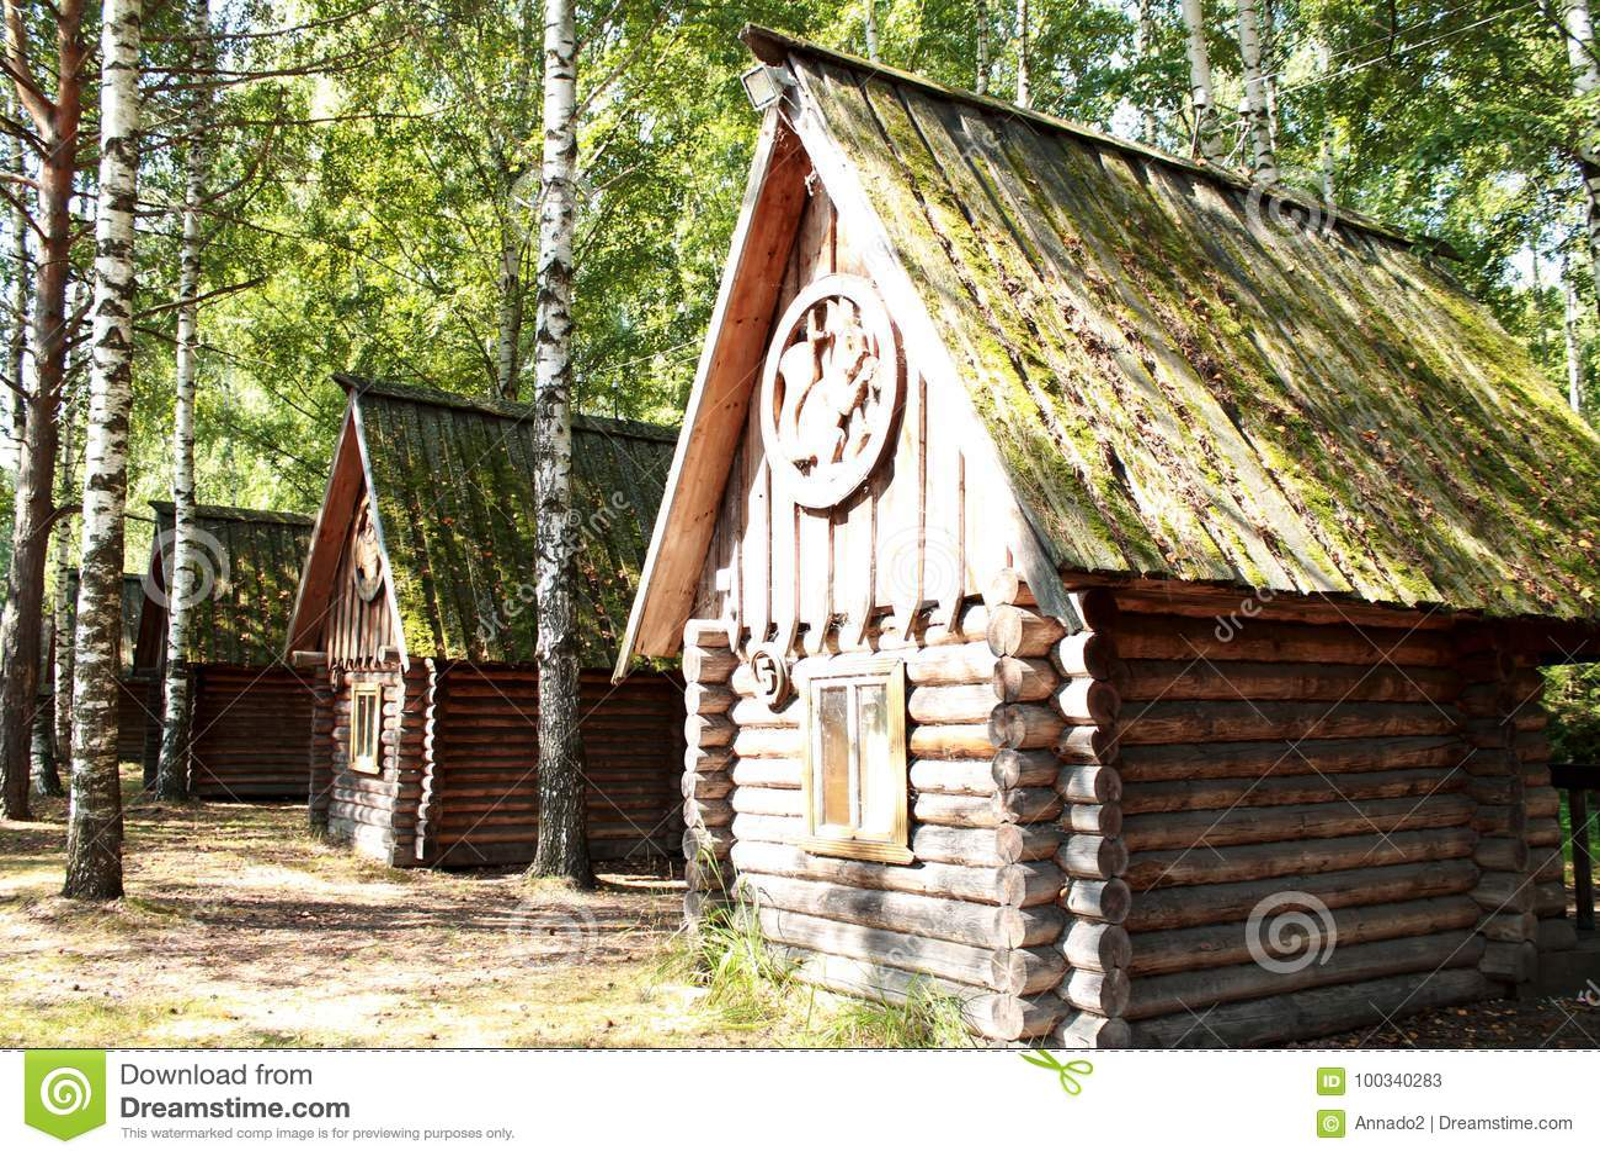 Casette Russe Di Campagna vecchie case di legno nella foresta fra le betulle nella